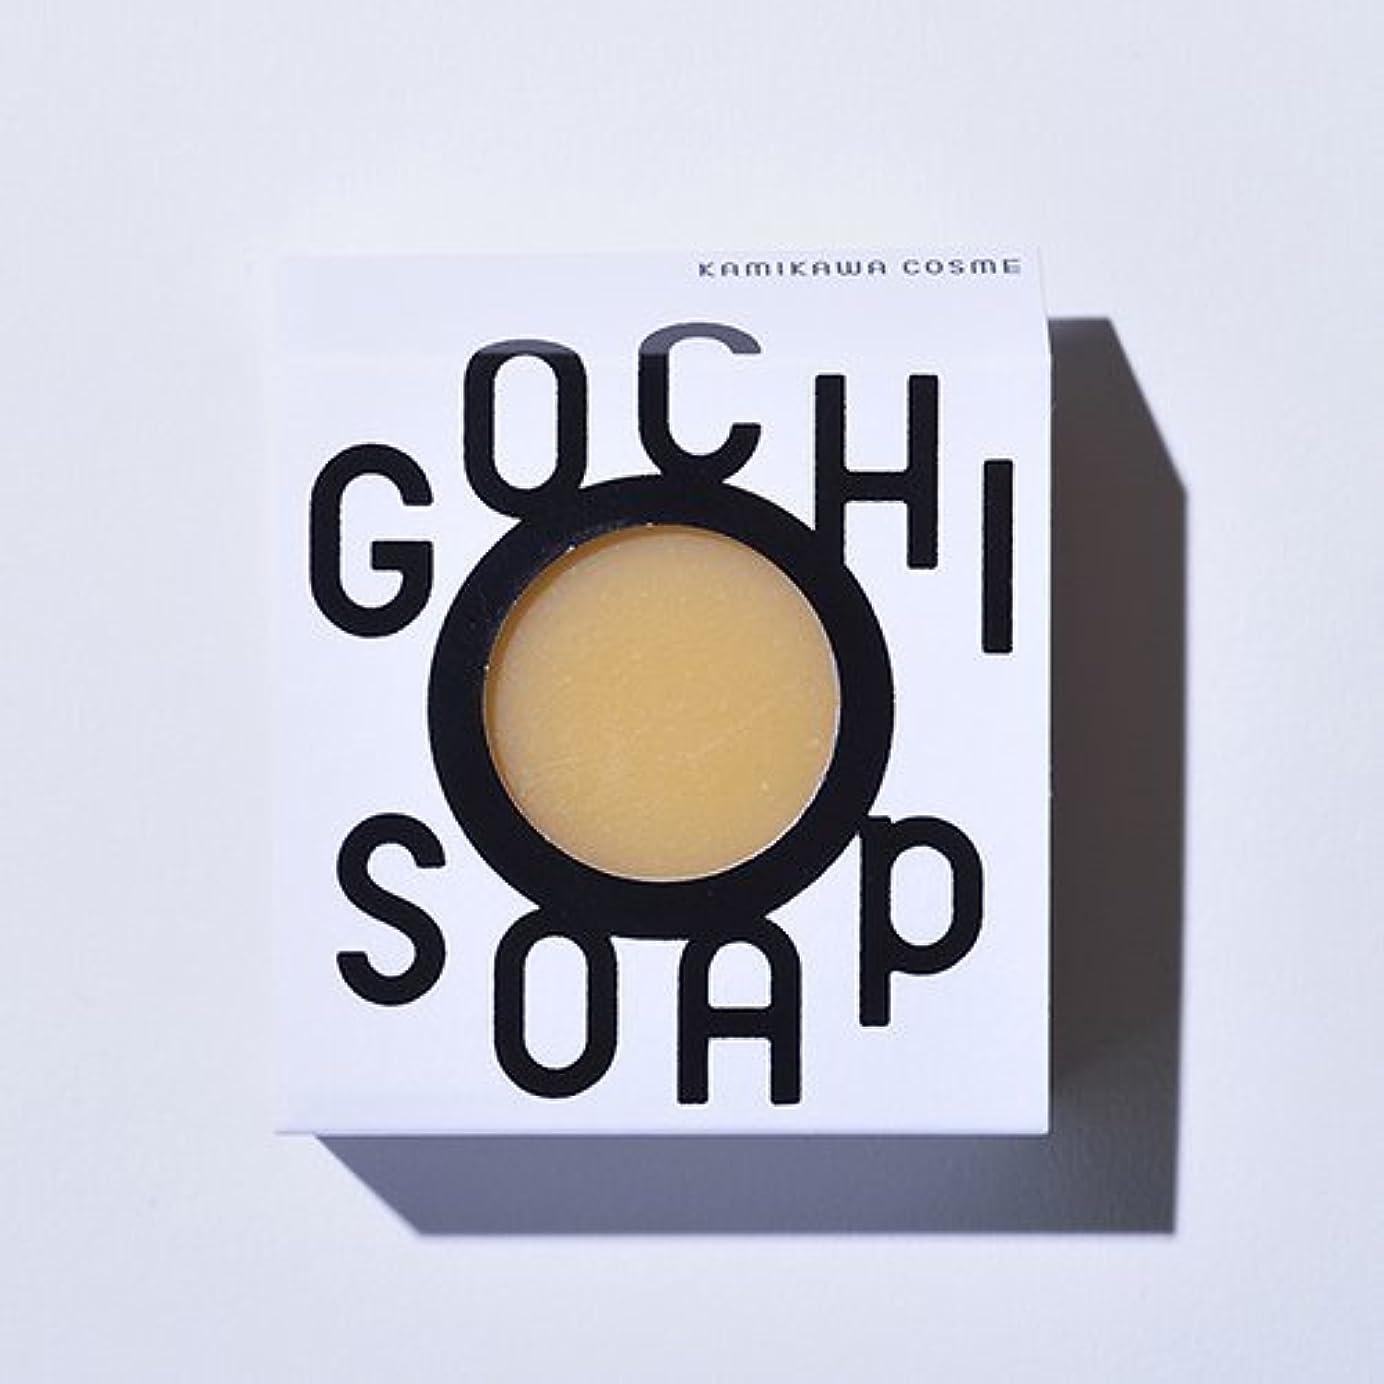 法律により散逸改善するGOCHI SOAP ゴチソープ 谷口農場のトマトソープ